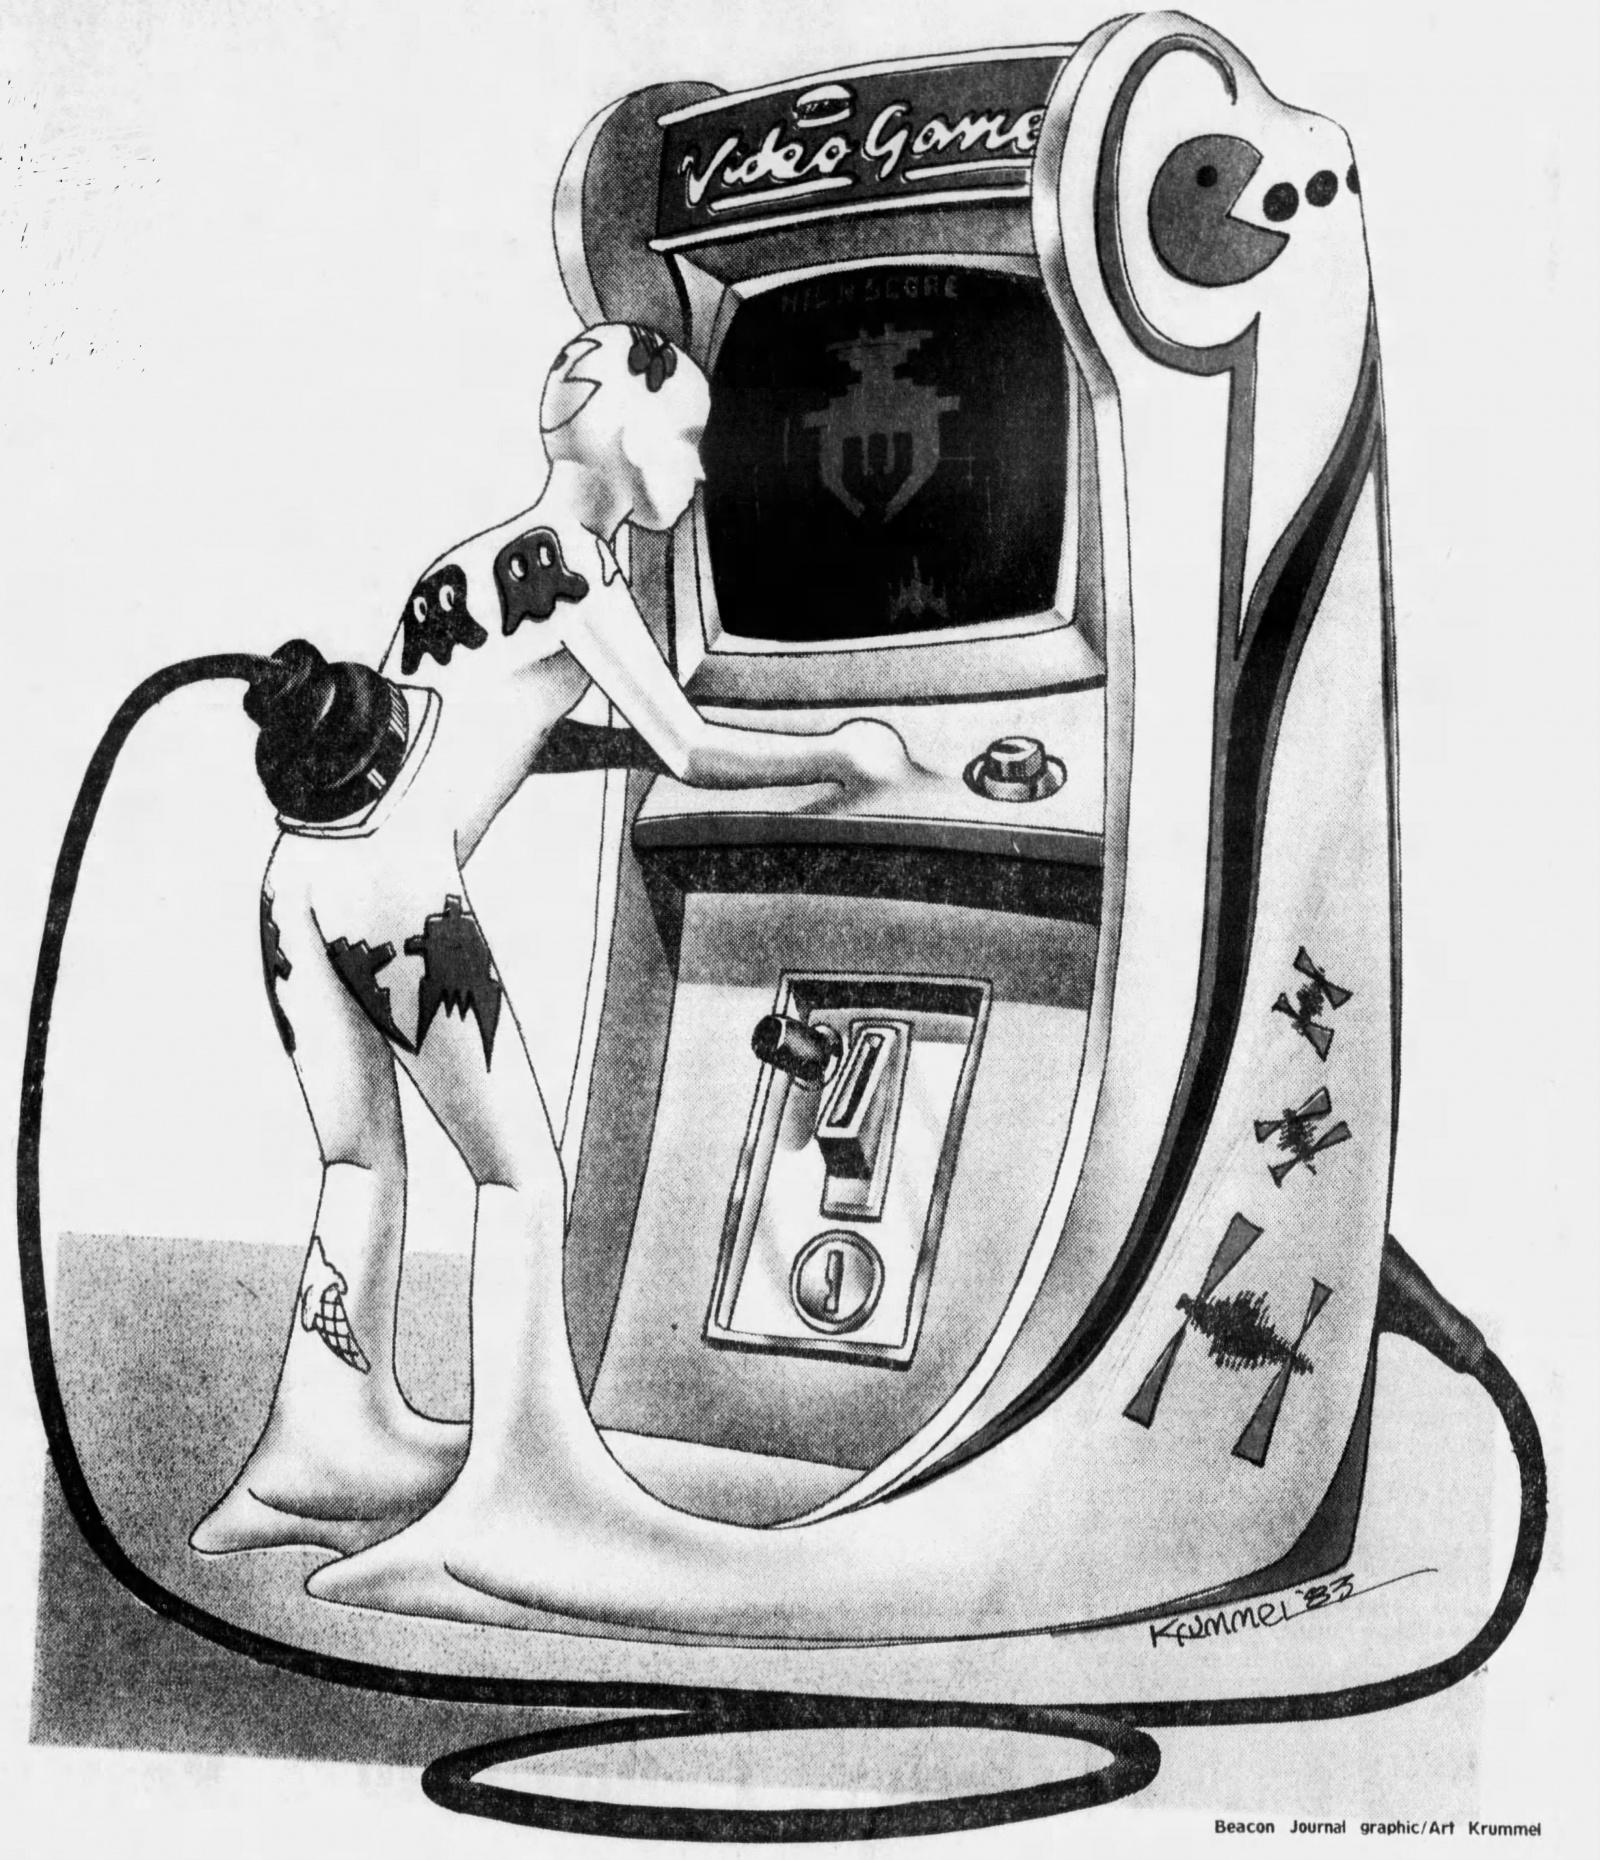 Магазинные крысы, видиоты и игроманы: пропаганда вреда видеоигр, шедшая в 80-х годах - 22